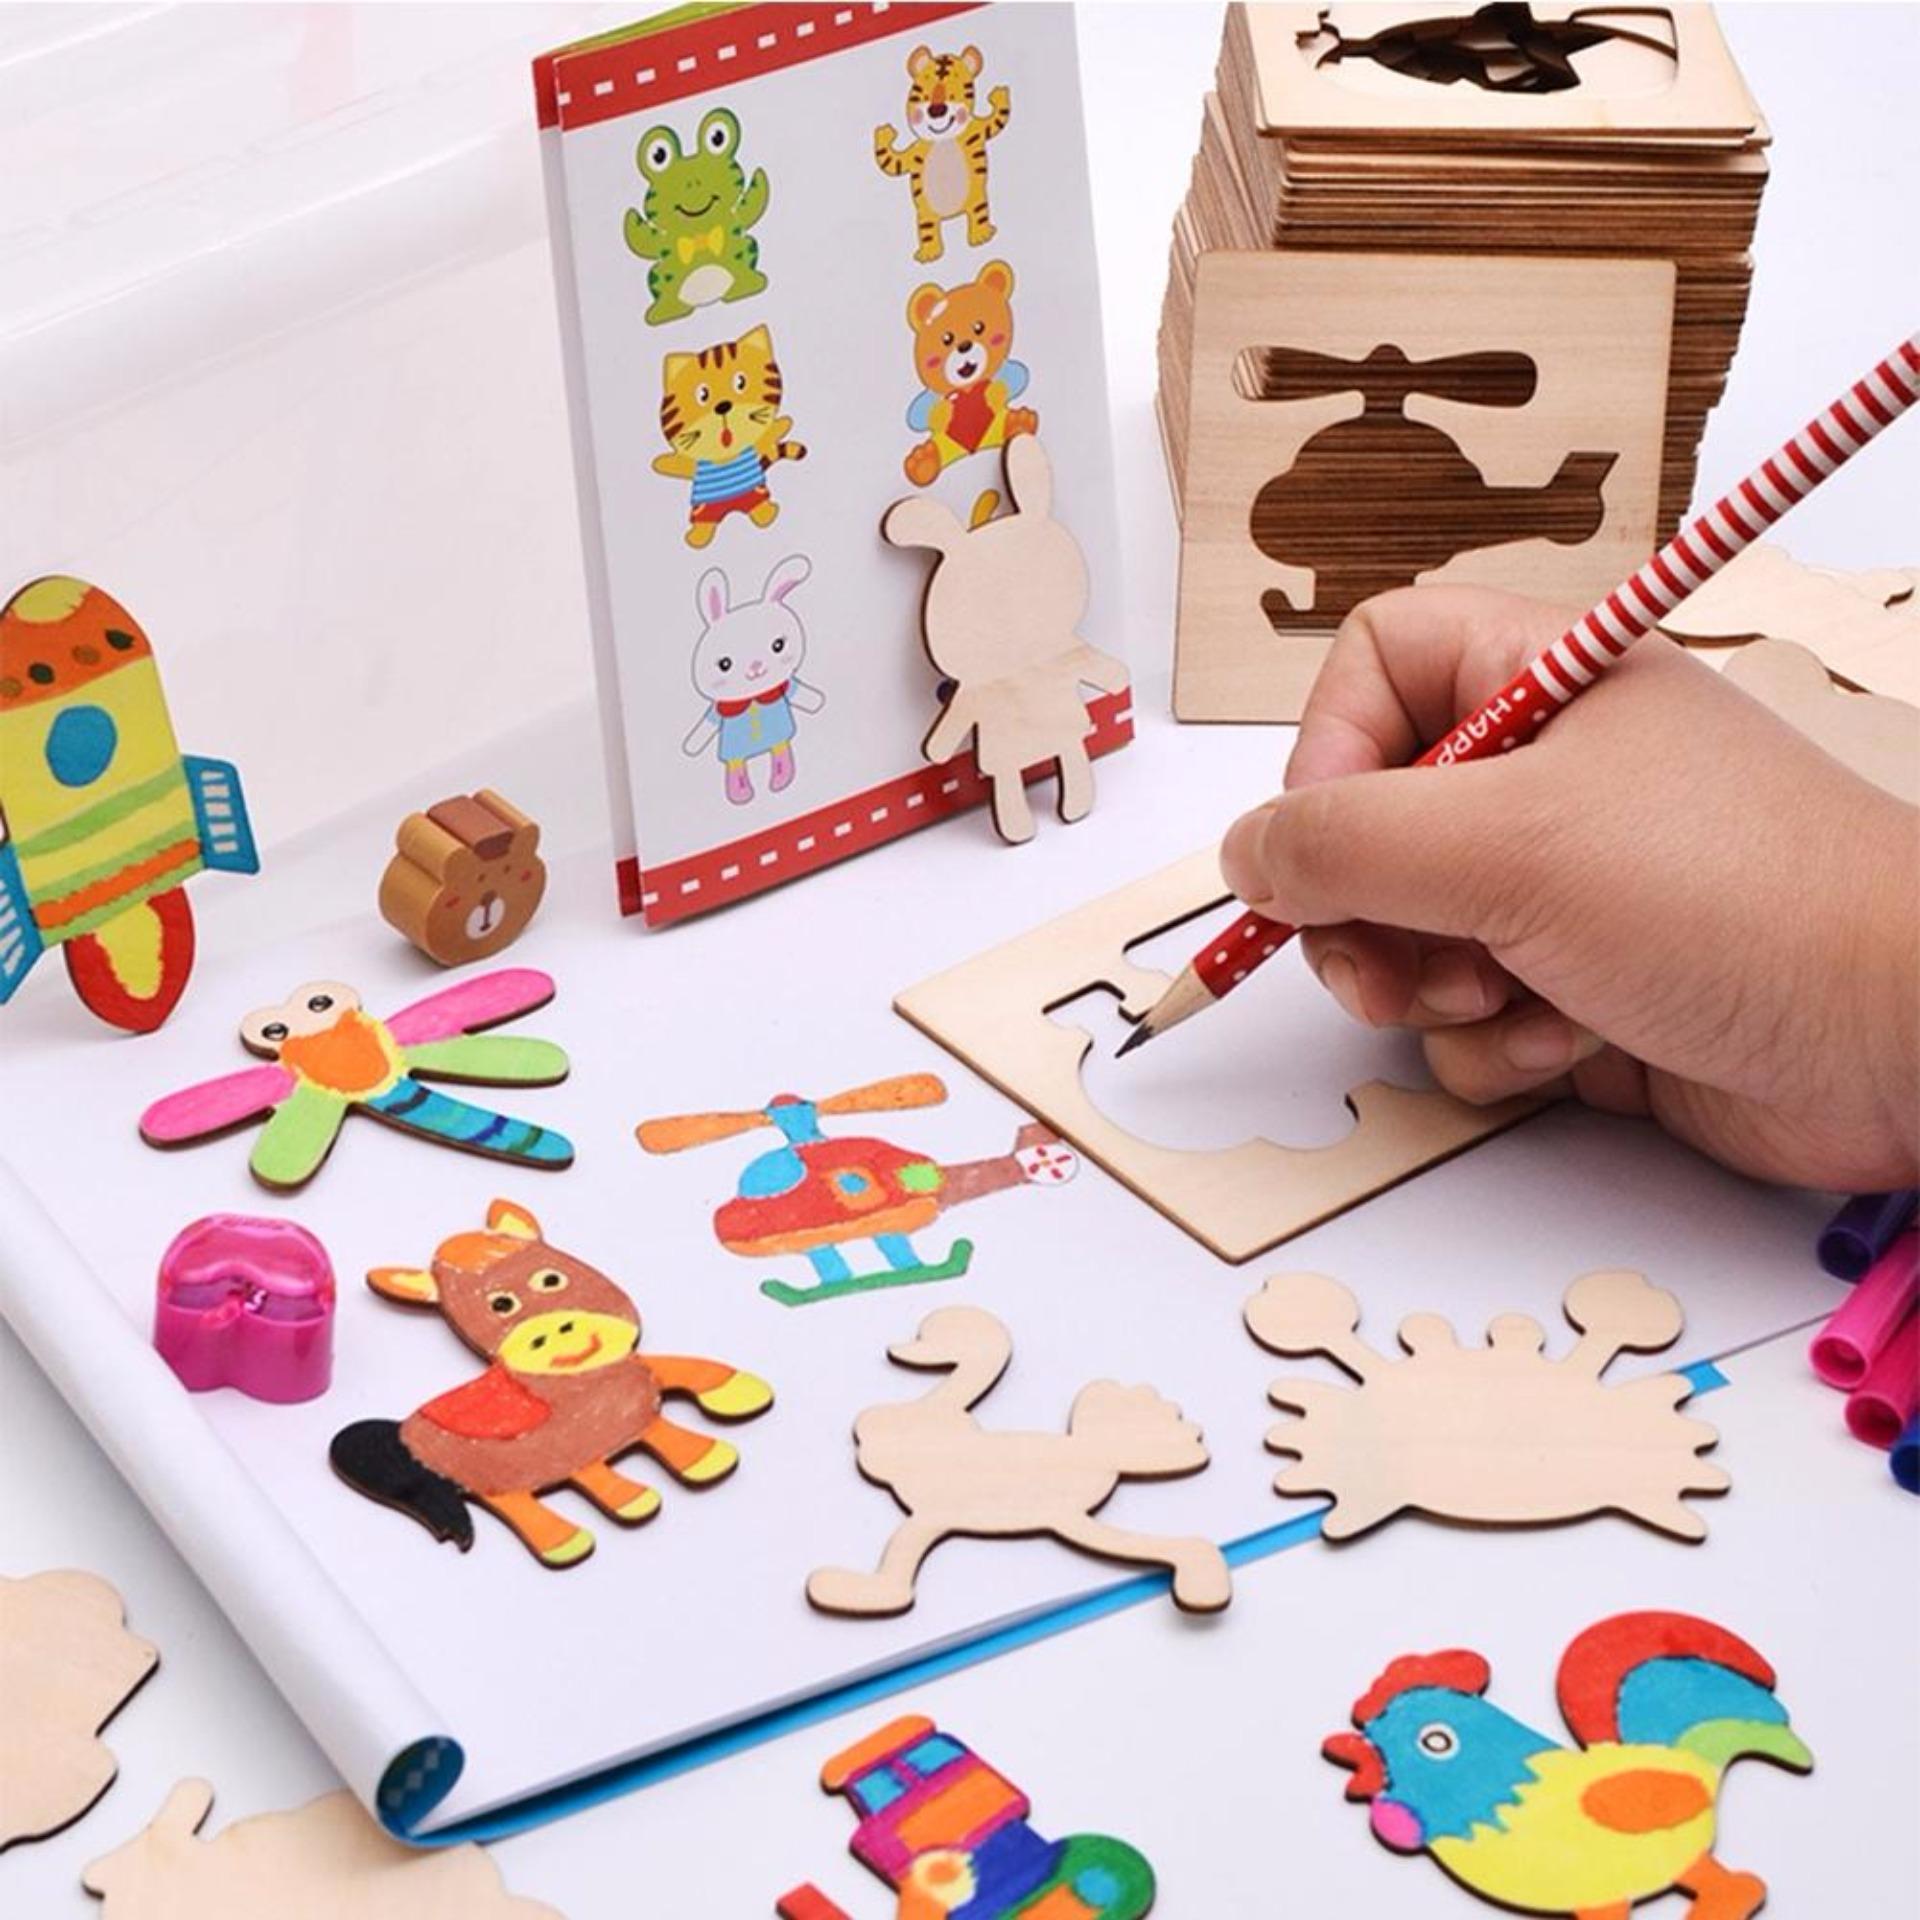 Bảng giá Bộ đồ chơi học vẽ hình 50 thẻ gỗ + 12 bút màu + Bút chì ...